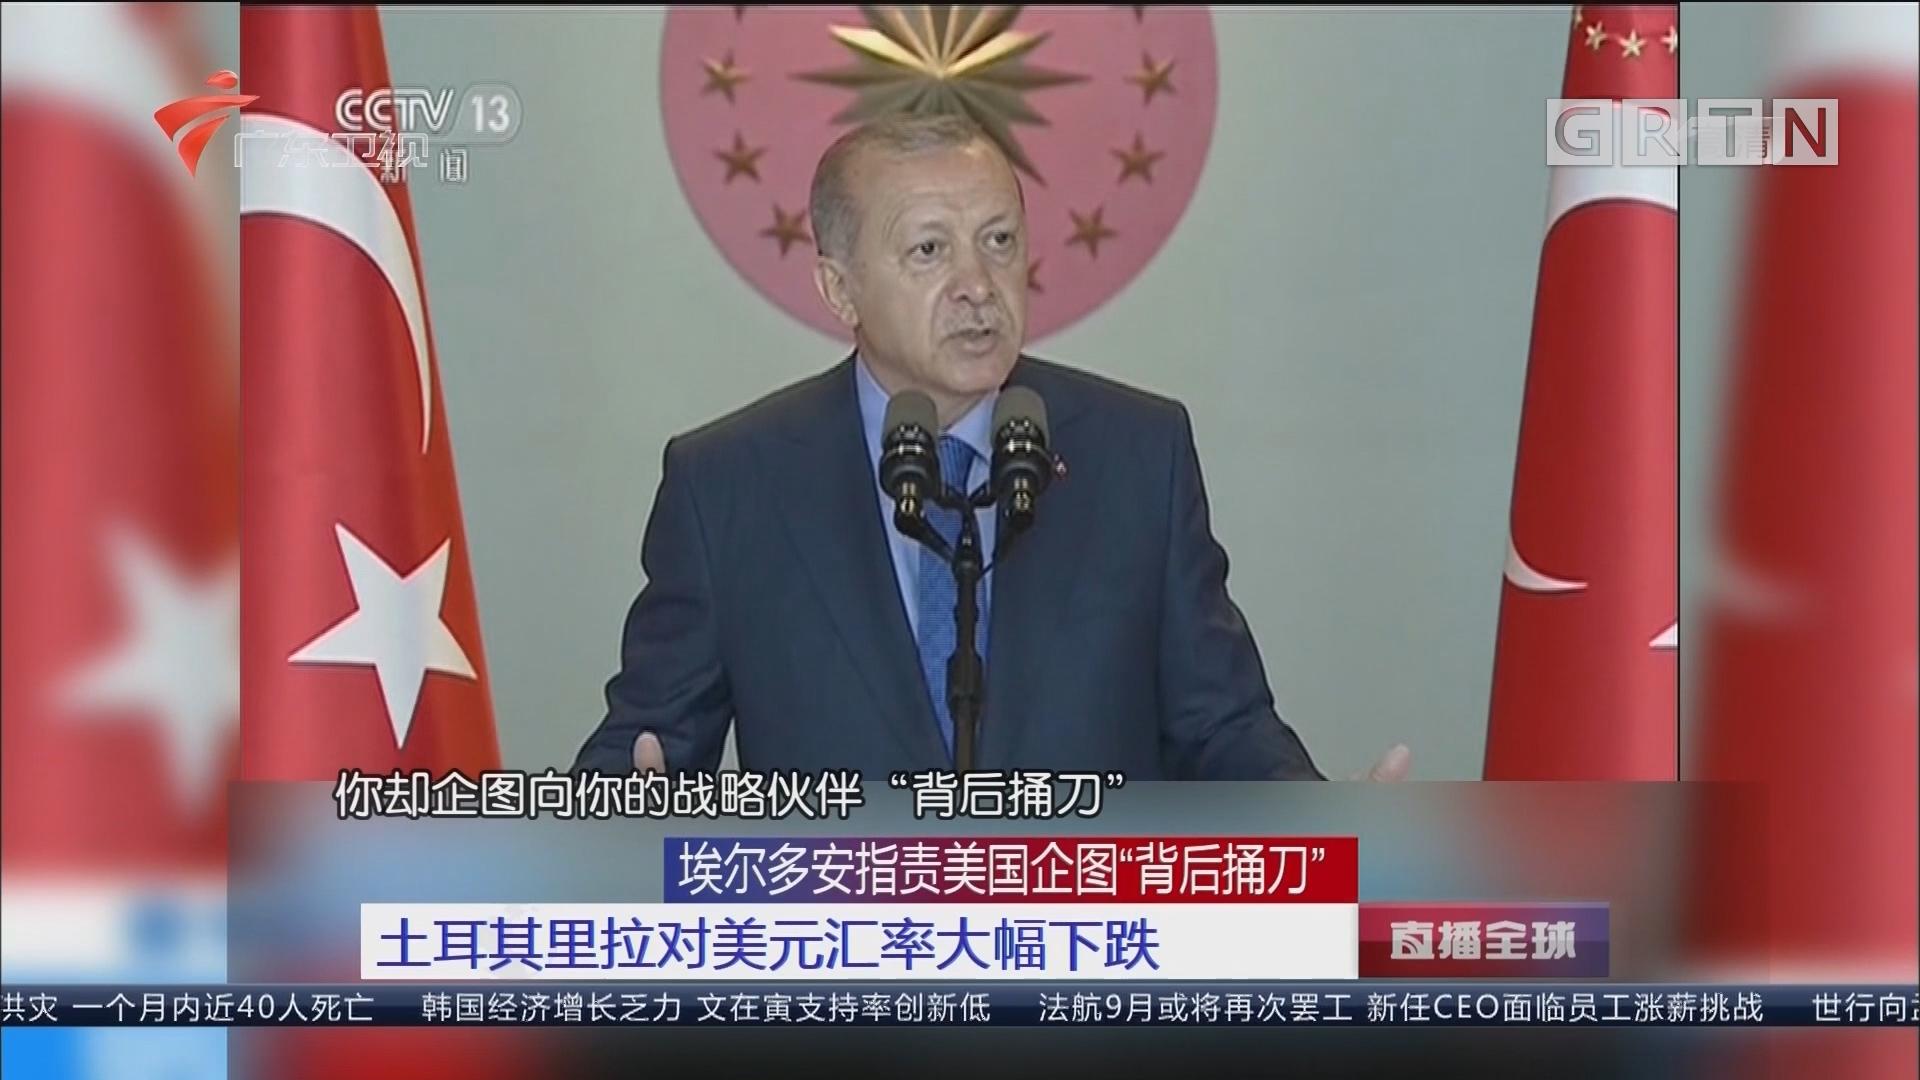 """埃尔多安指责美国企图""""背后捅刀"""" 土耳其里拉对美元汇率大幅下跌"""